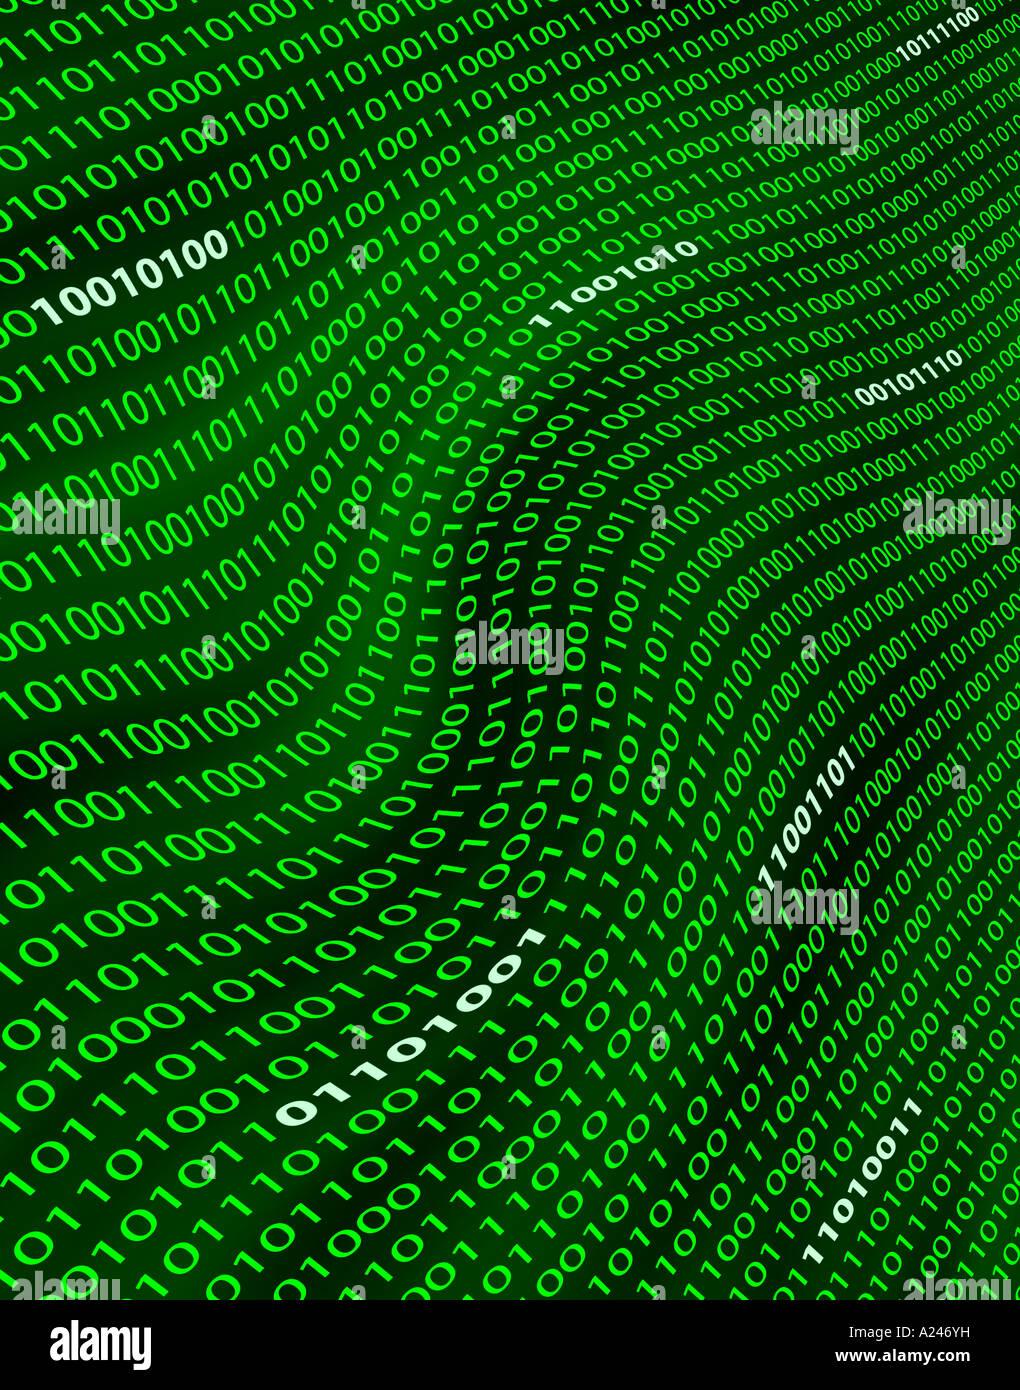 Una visión distorsionada del campo digital de números binarios o código verde Imagen De Stock